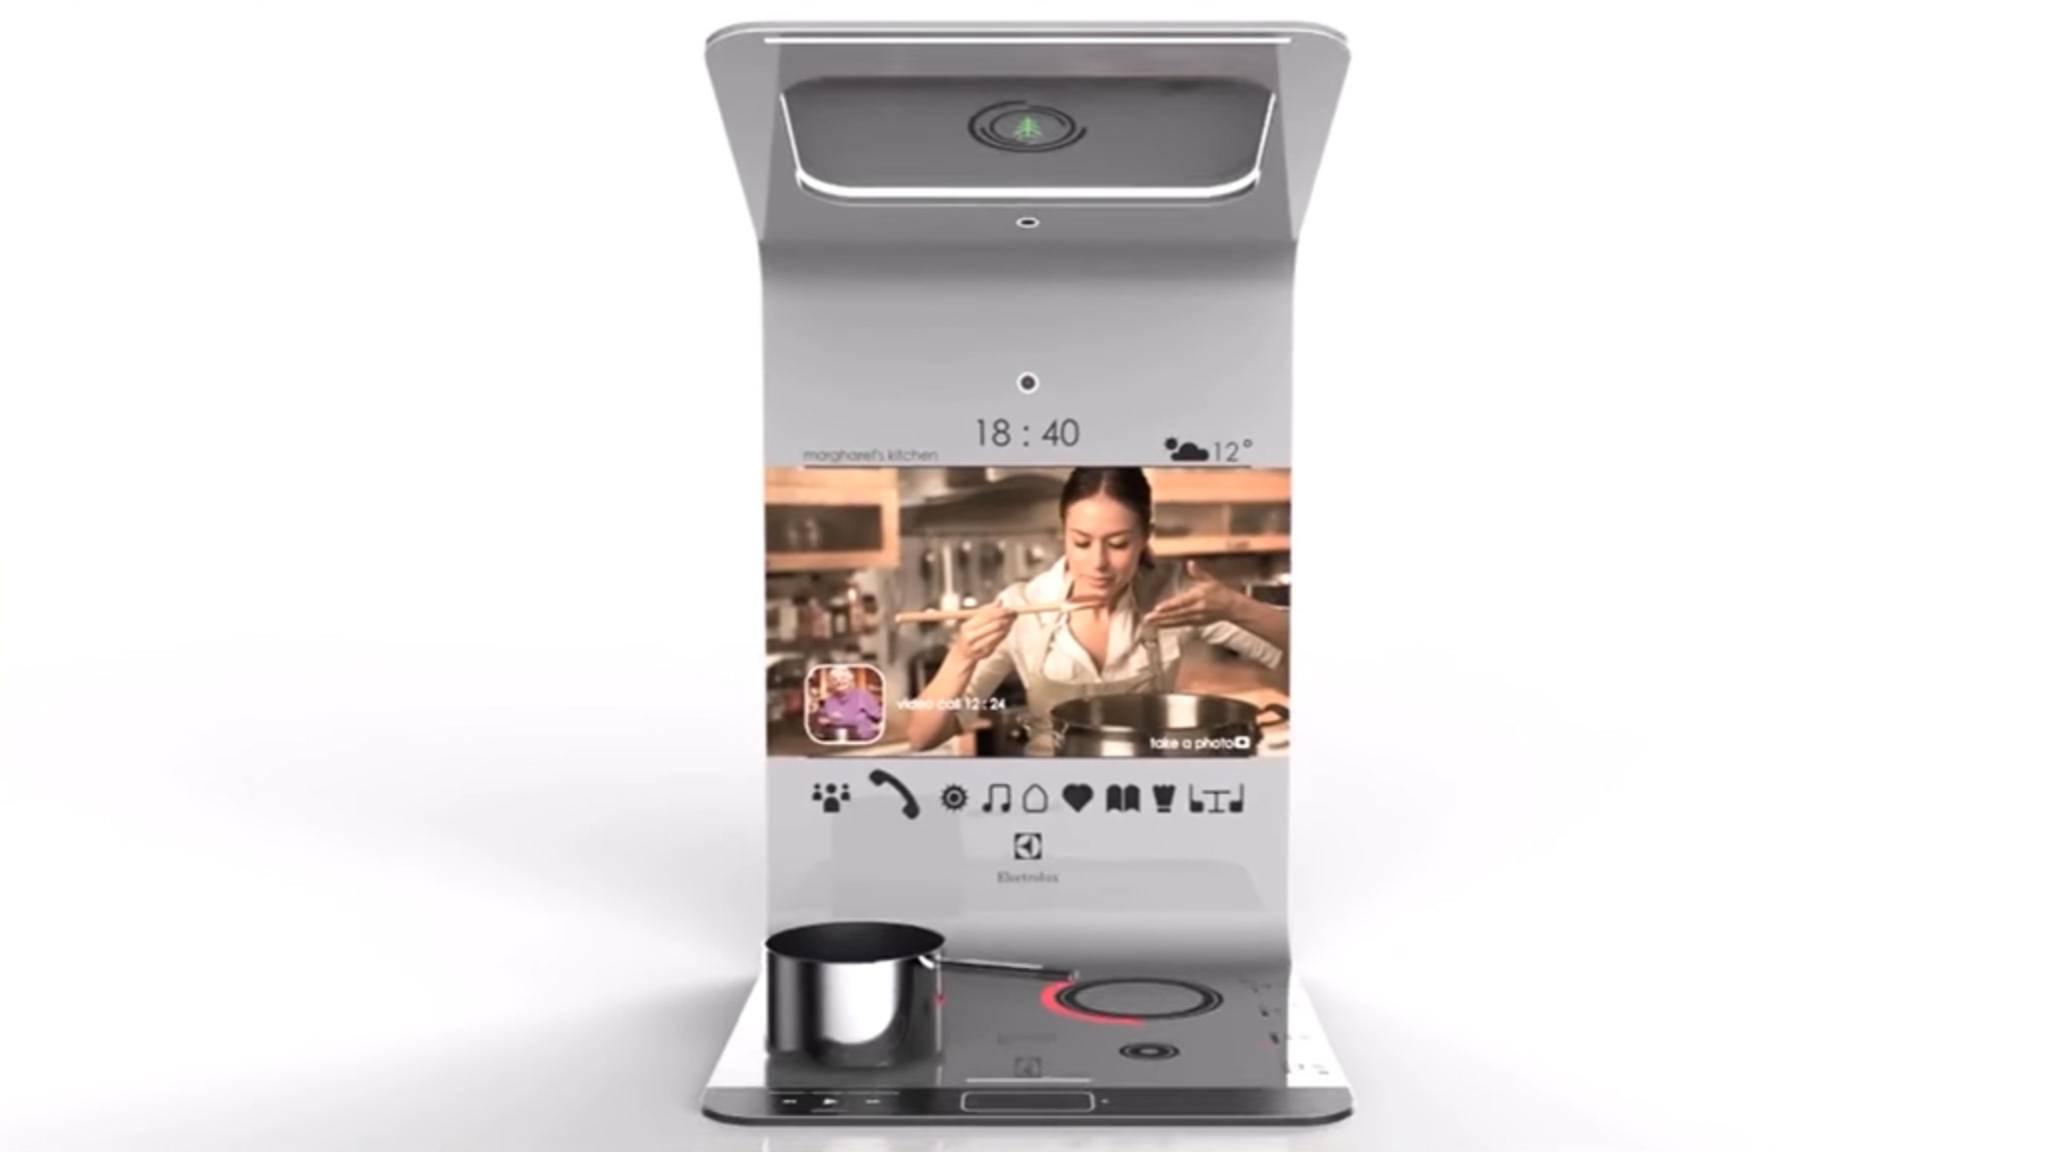 Das Kitchenbook ist eine Kochplatte mit integriertem Social Hub und soll Menschen beim Kochen weltweit miteinander vernetzen.